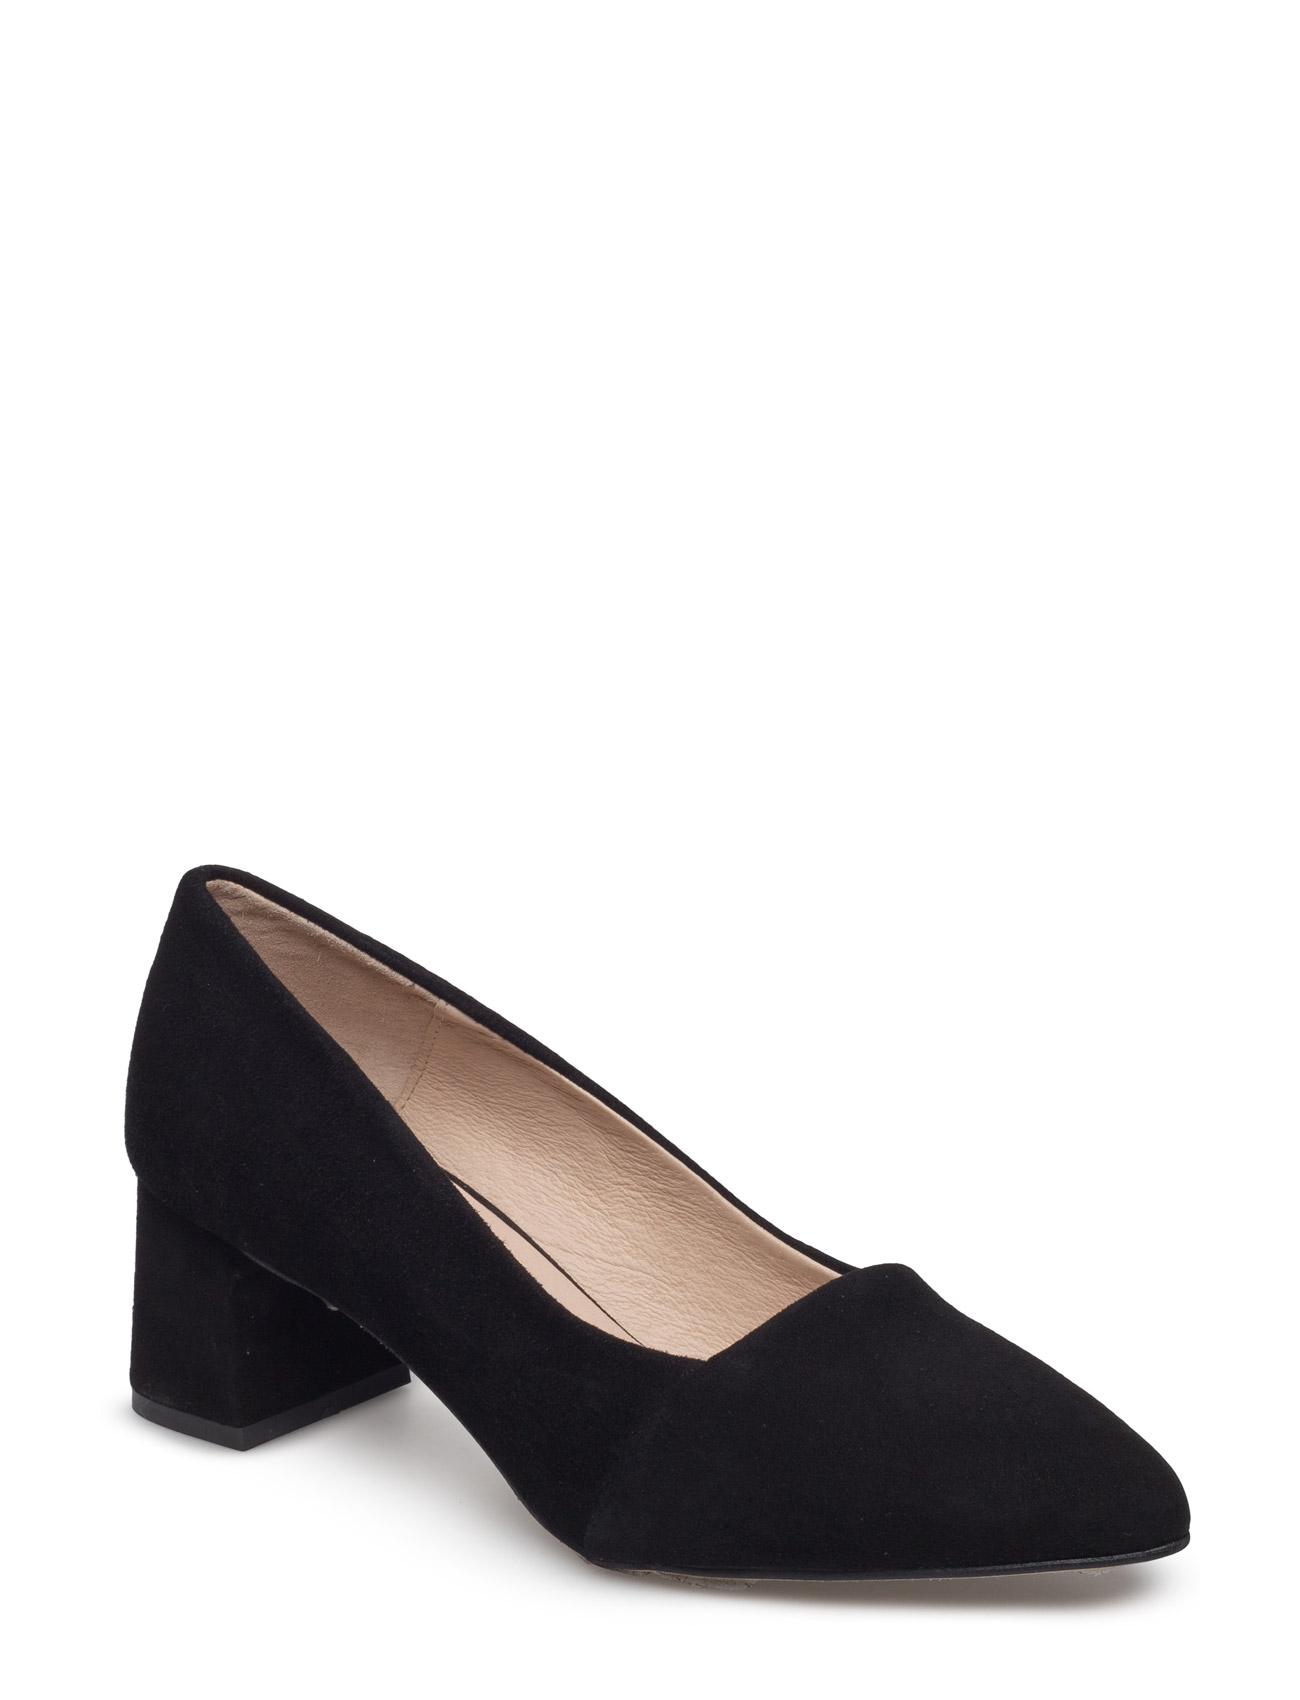 Stb1197 Shoe The Bear Stiletter til Damer i Sort